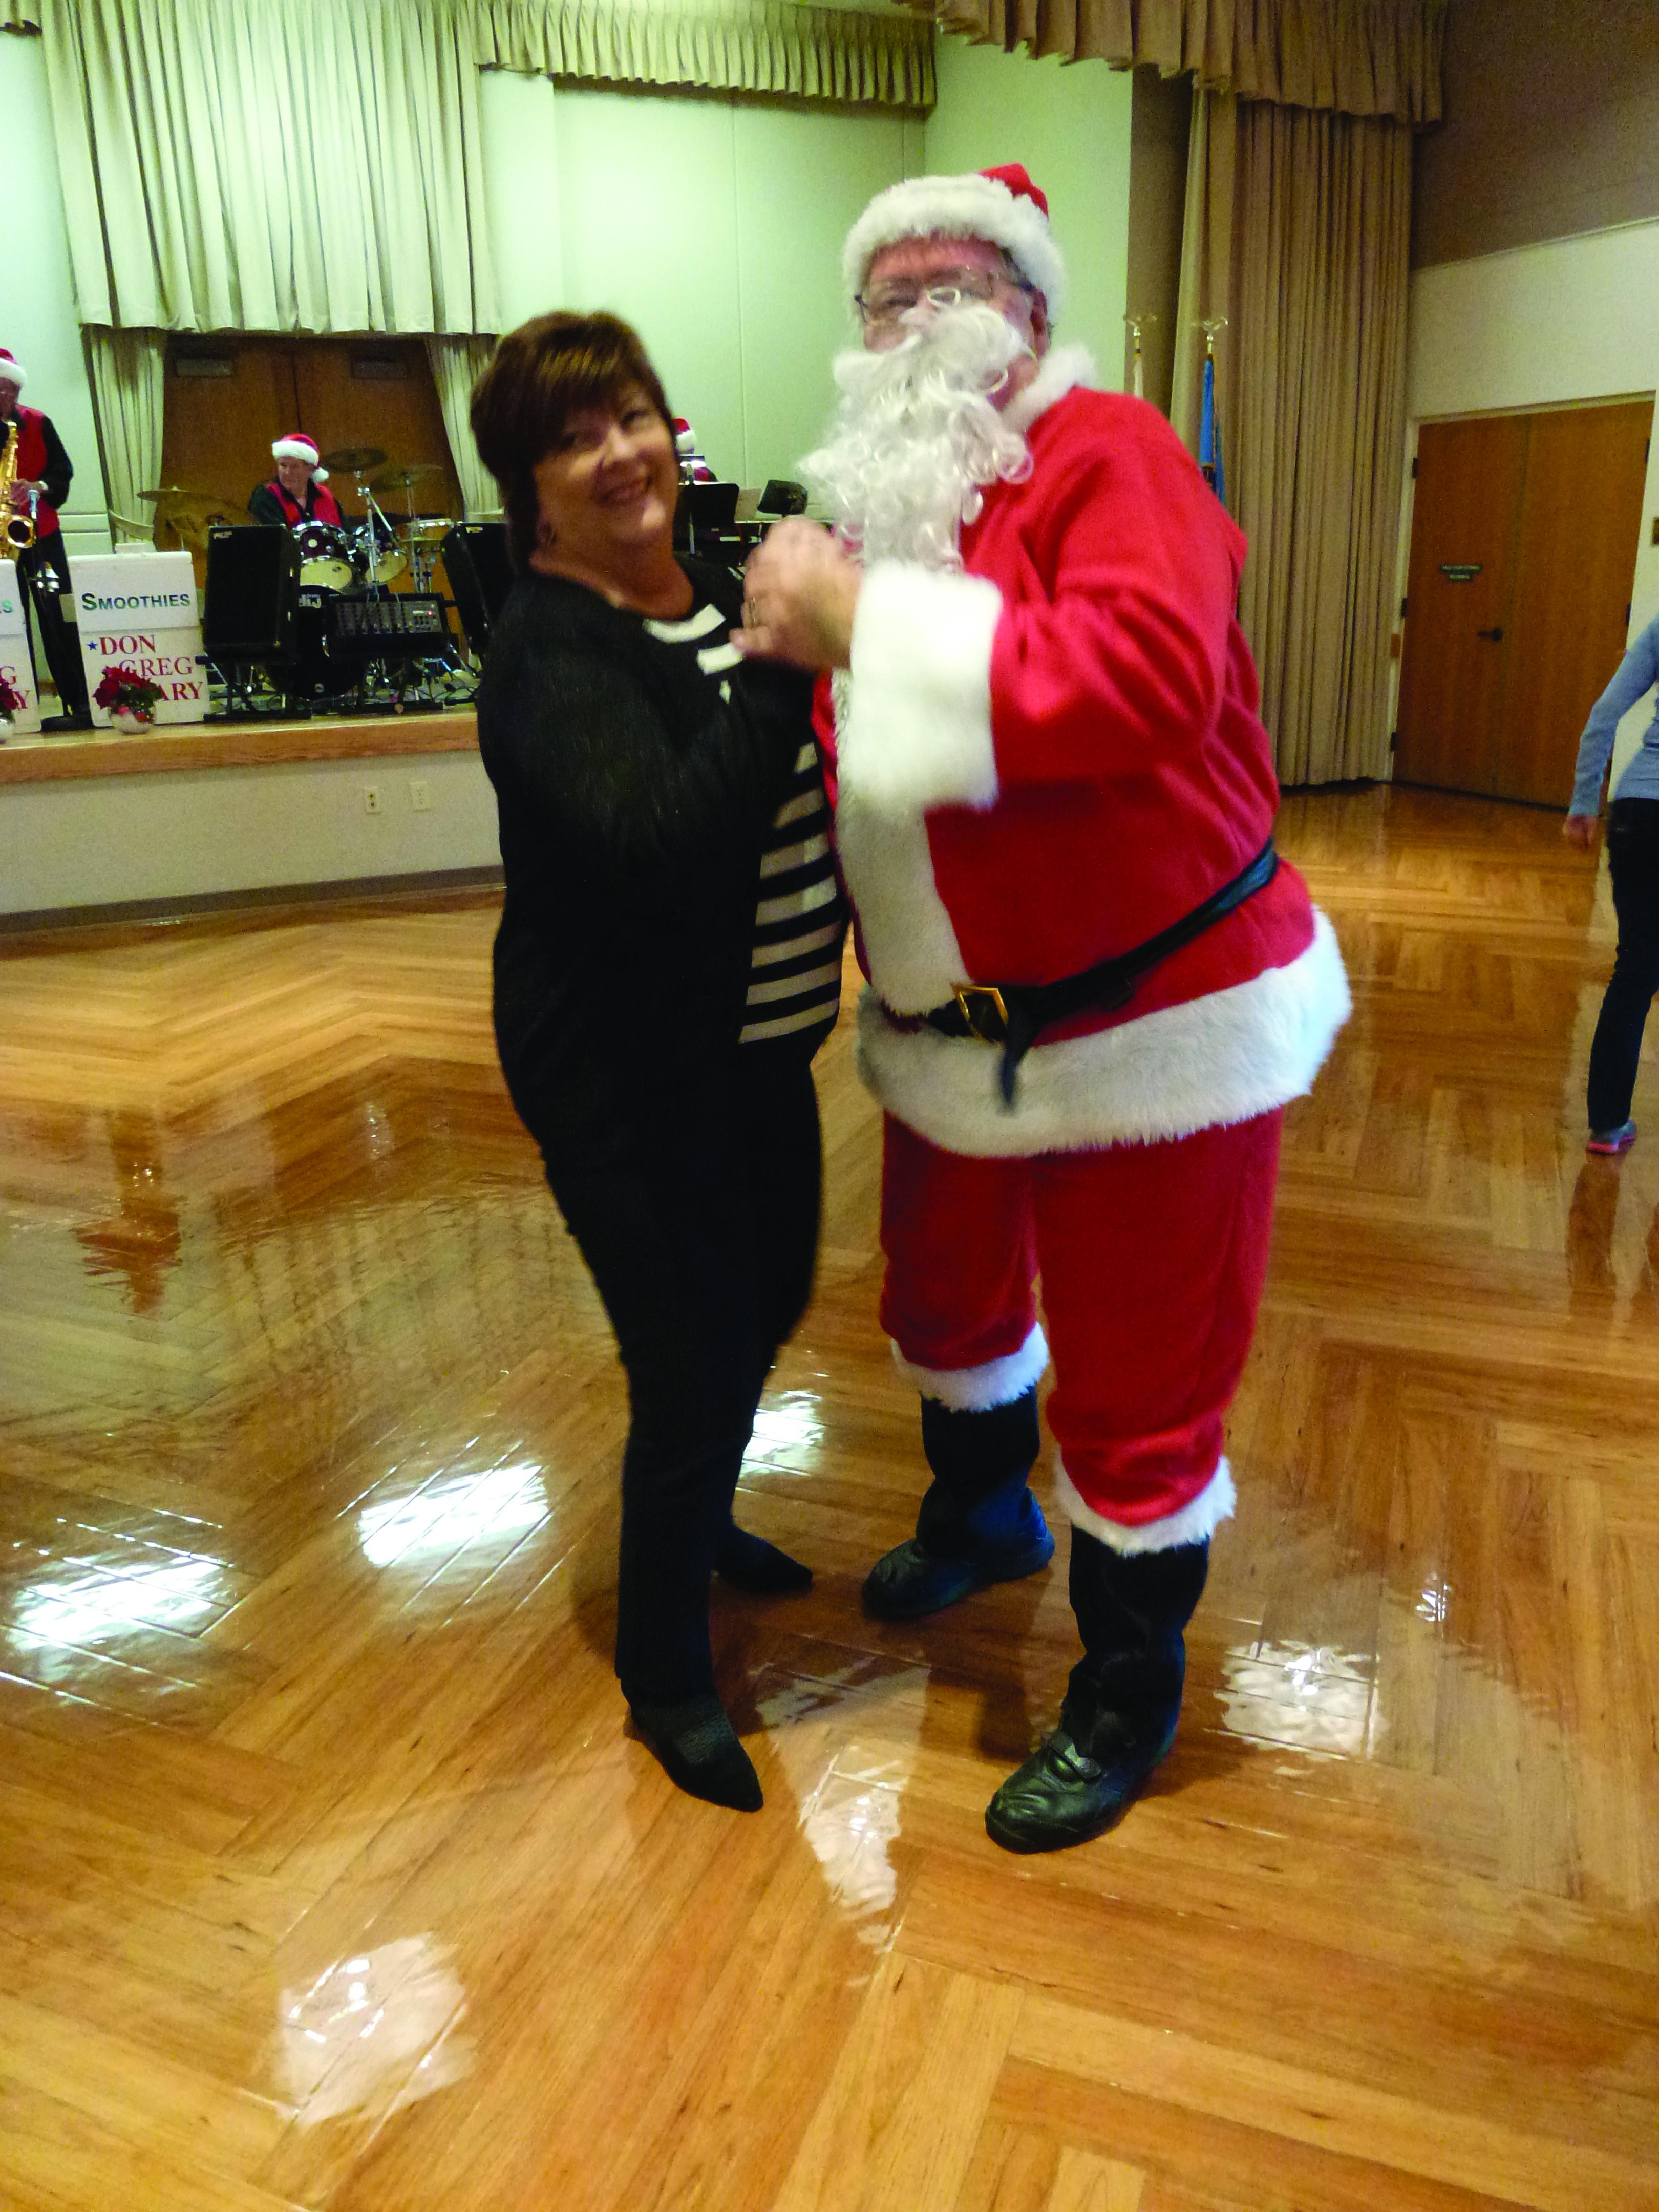 santa-and-real-wife-dancing-cymk